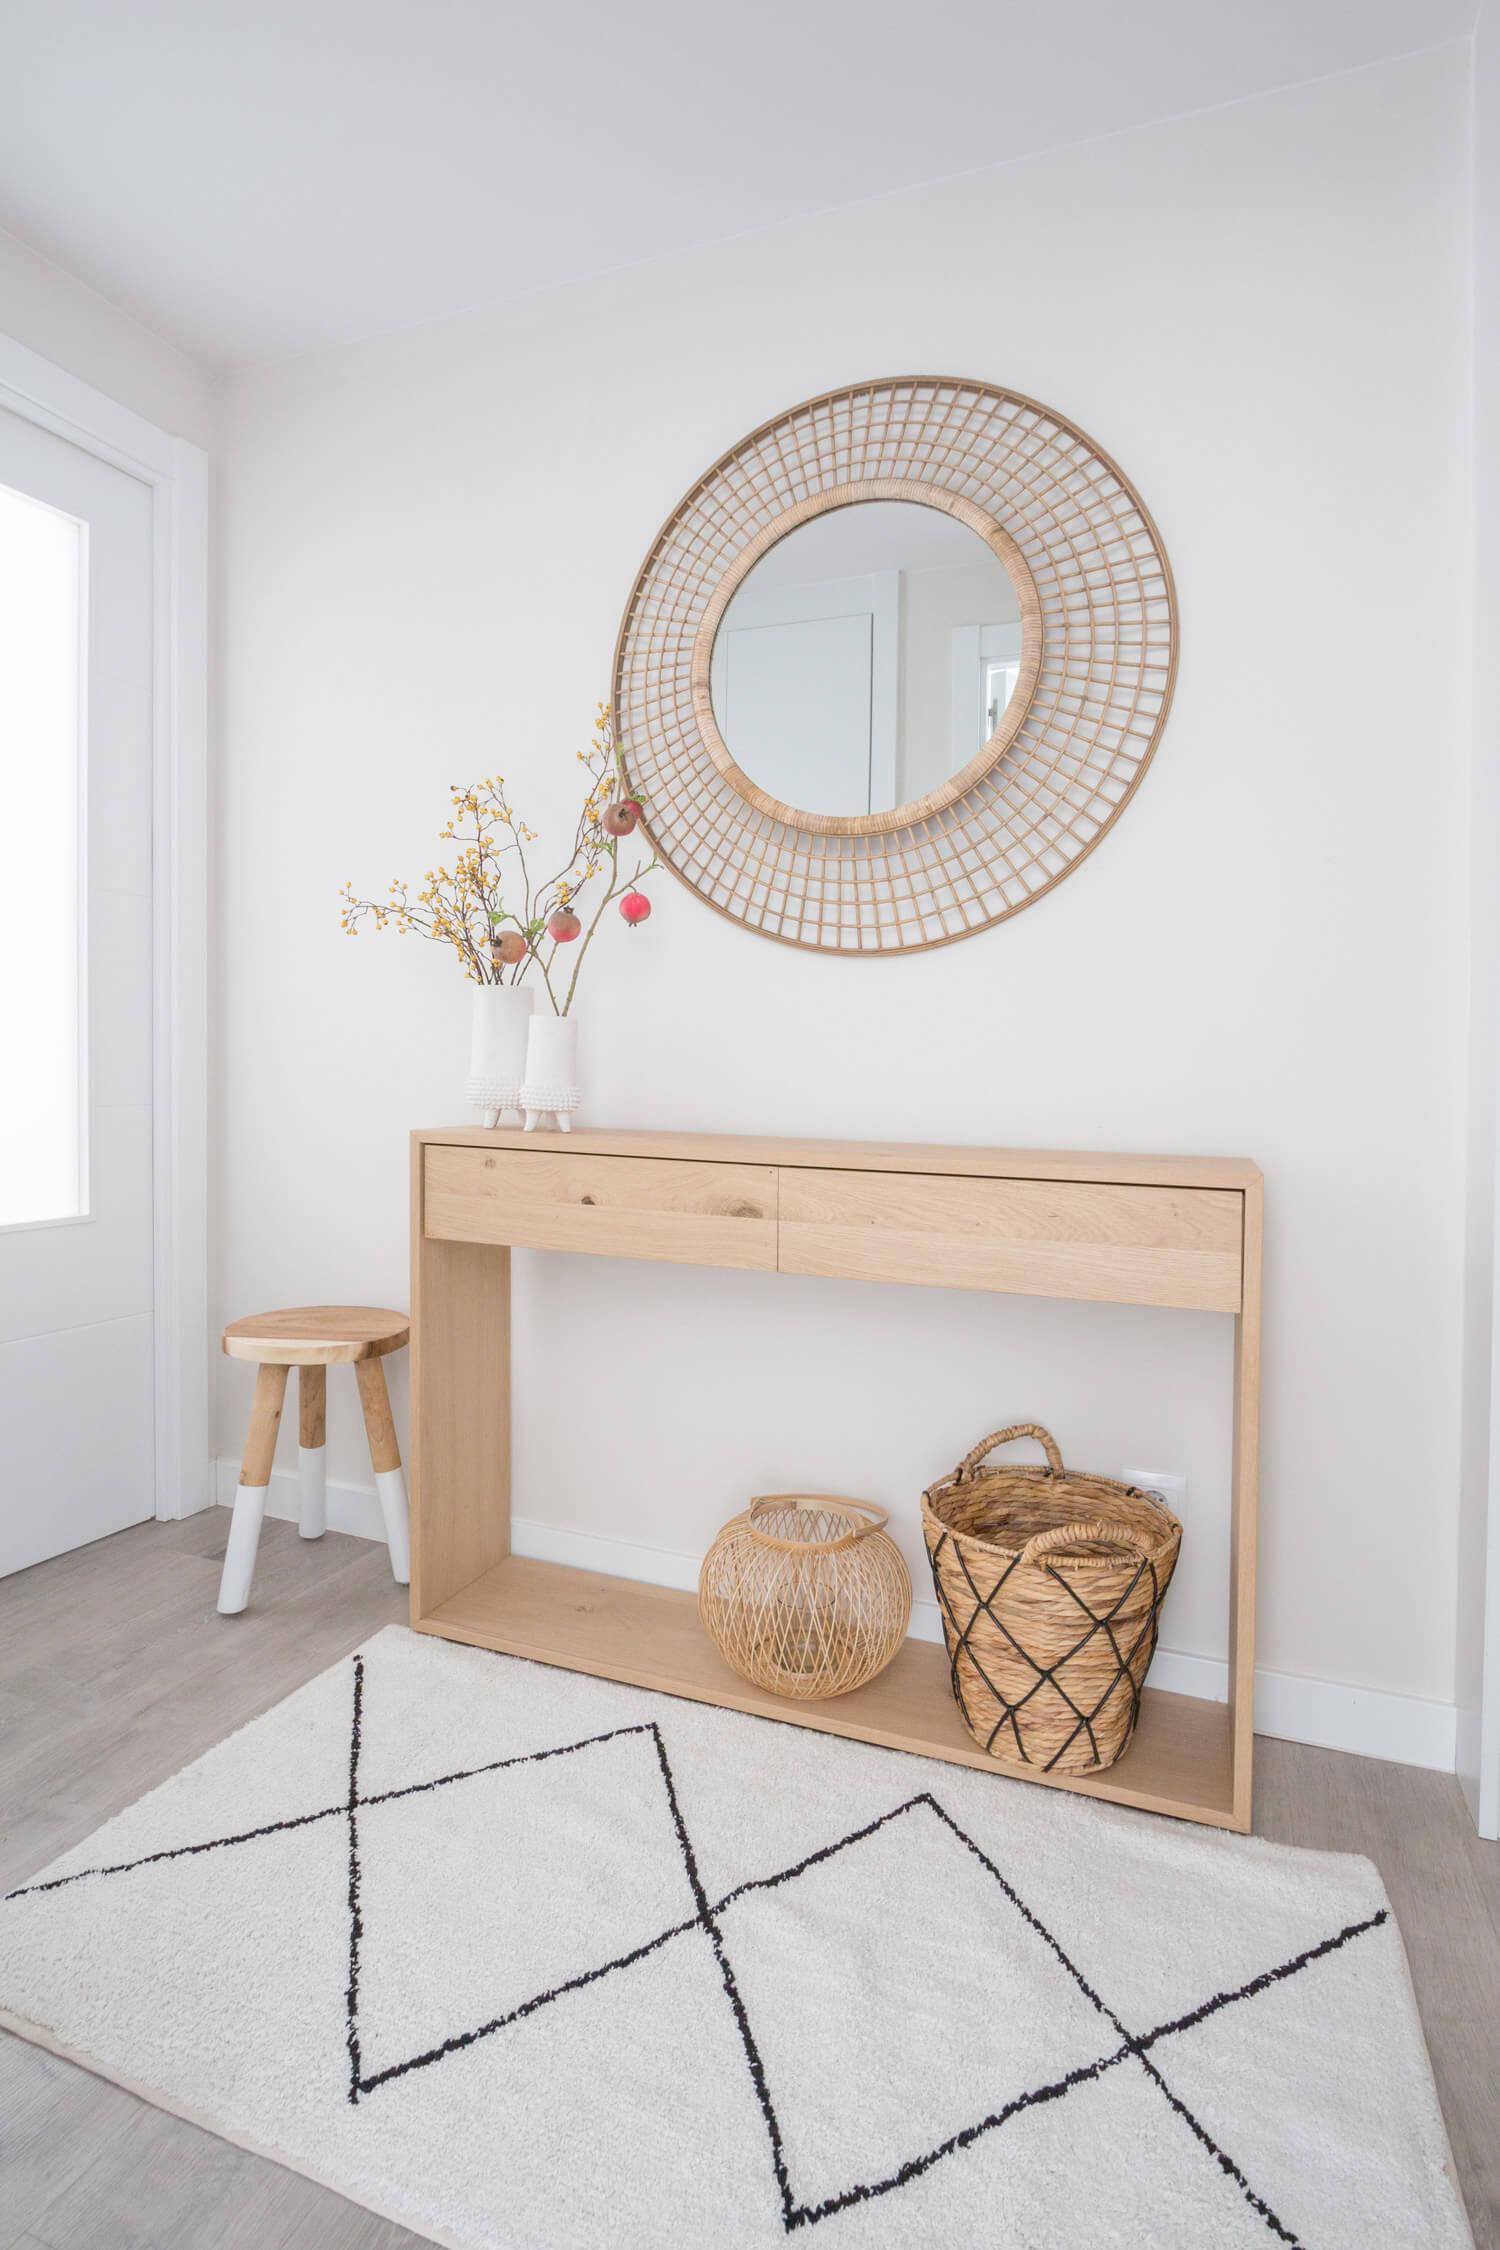 Recibidor con consola de madera y espejo de gran tamaños. Proyecto de R de Room.